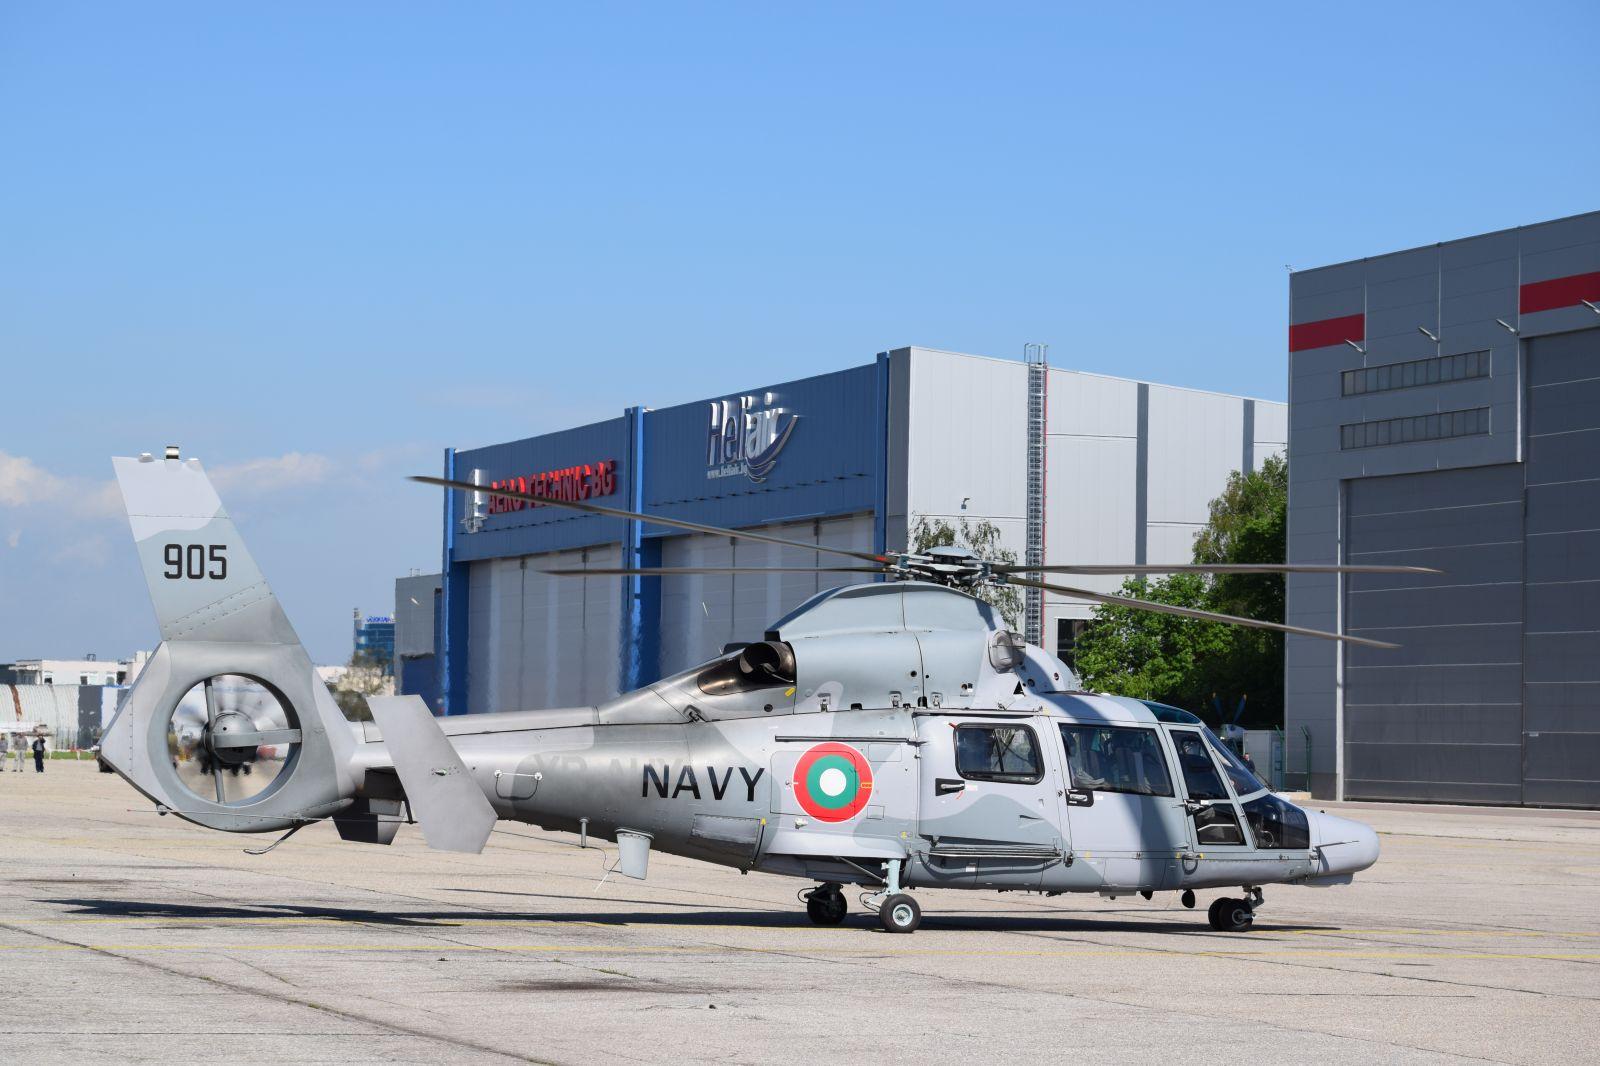 Генерална репетиция за въздушната демонстрация на 6 май - Част 3 Военноморските вертолети AS565MB Panther и AS365N3+ Dauphine (ГОЛЯМА АВИАЦИОННА ГАЛЕРИЯ)